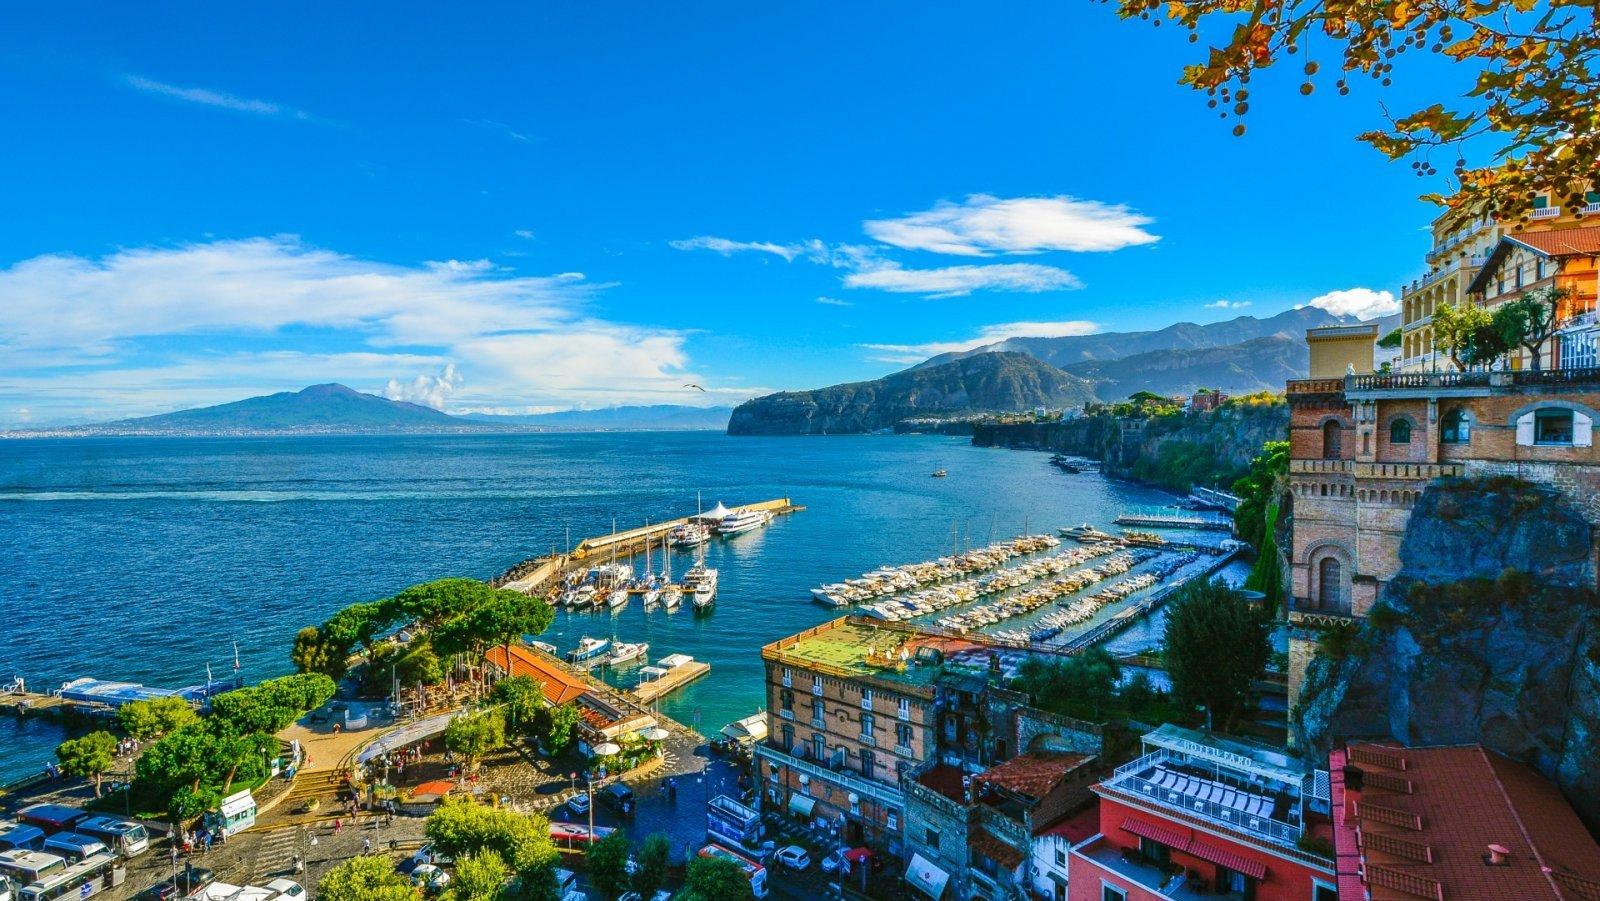 Vistas de Sorrento, en la Costa Amalfitana.